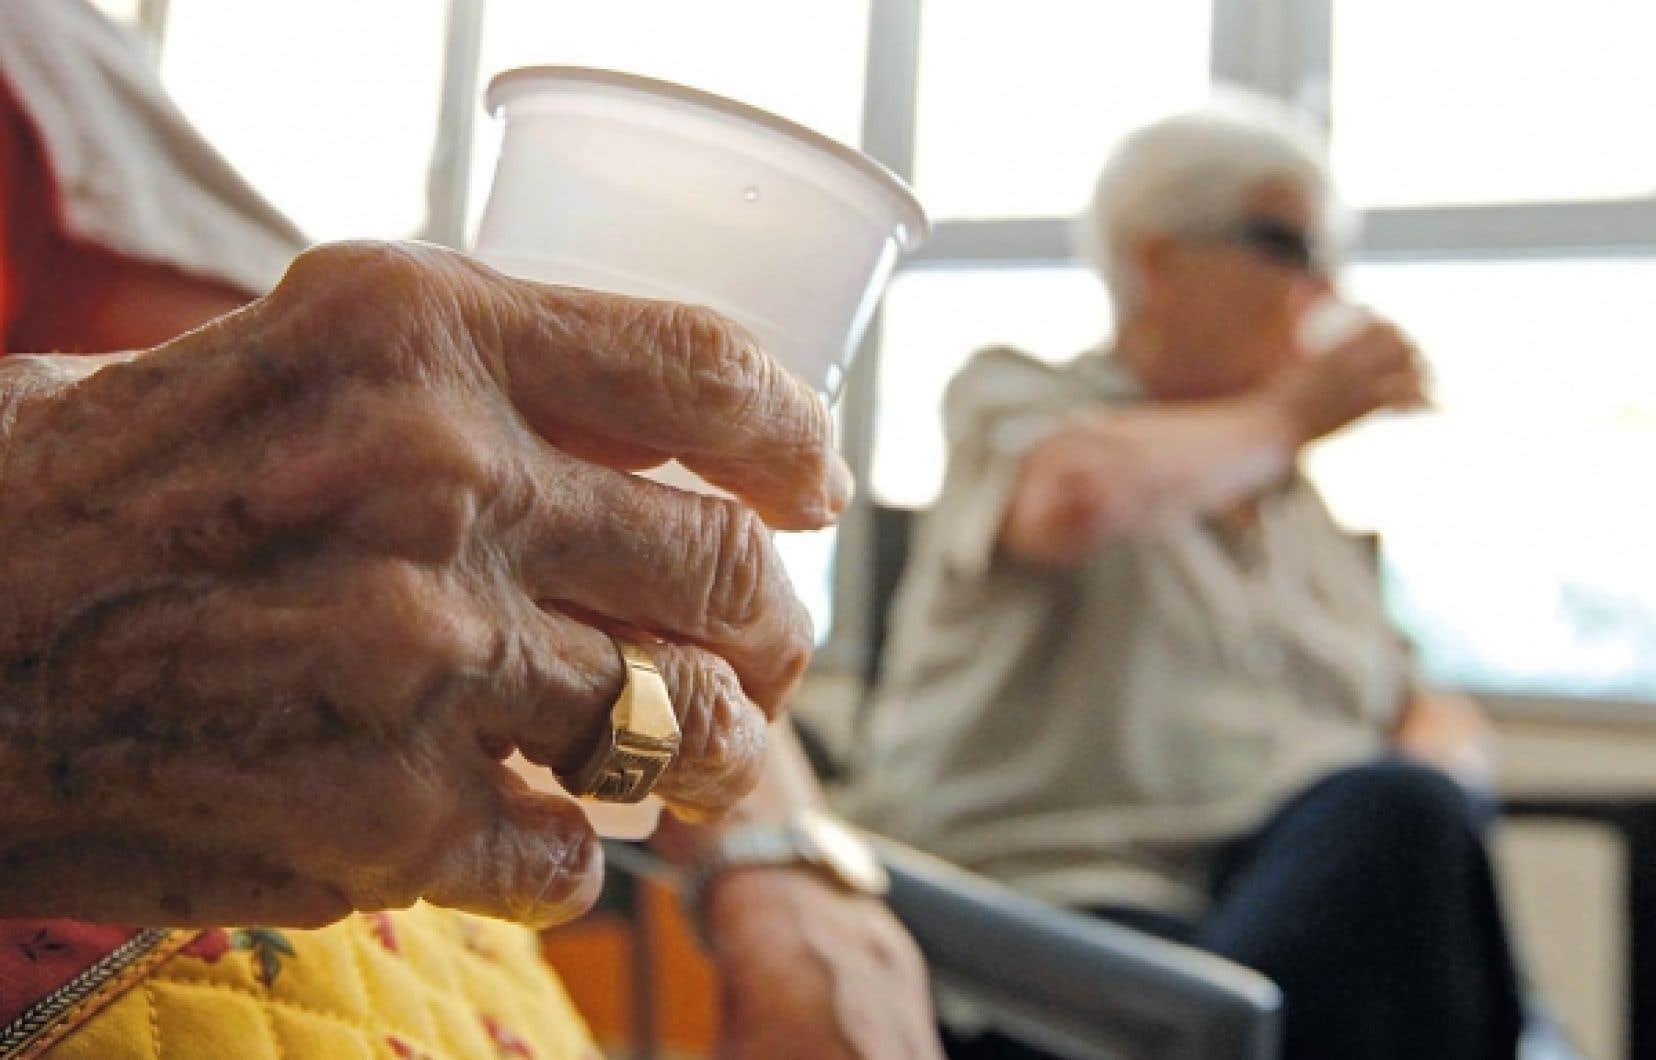 Selon un récent sondage, 6% des personnes âgées de 65 ans et plus au Québec ont dit avoir été victimes de maltraitance; par contre, plusieurs d'entre elles n'ont pas voulu répondre à cette question. <br />